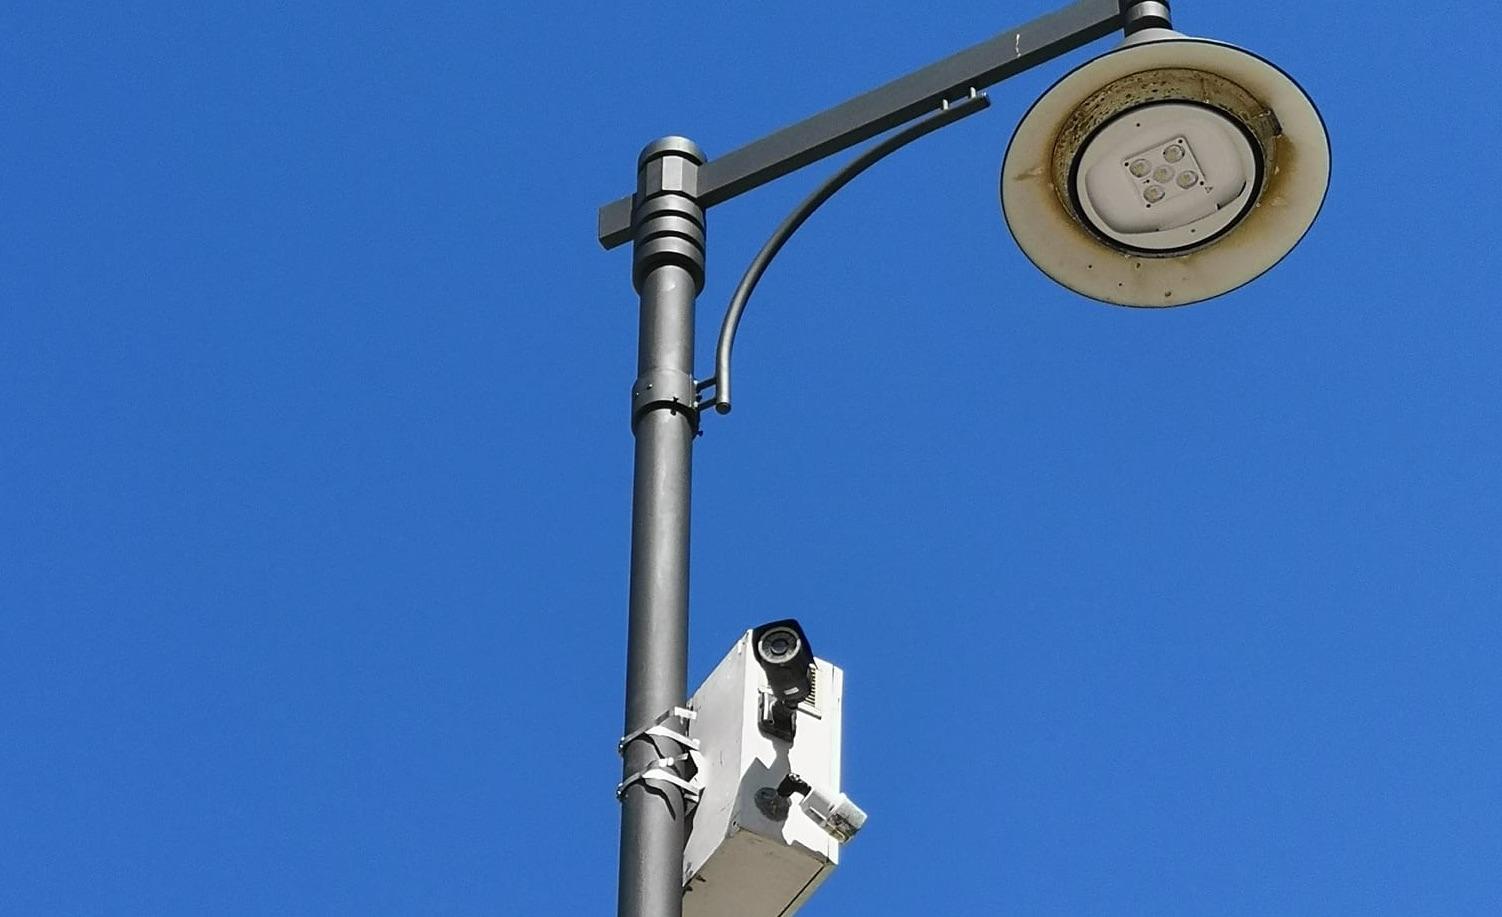 Lotta all'abbandono dei rifiuti, a Palmi installate nuove telecamere